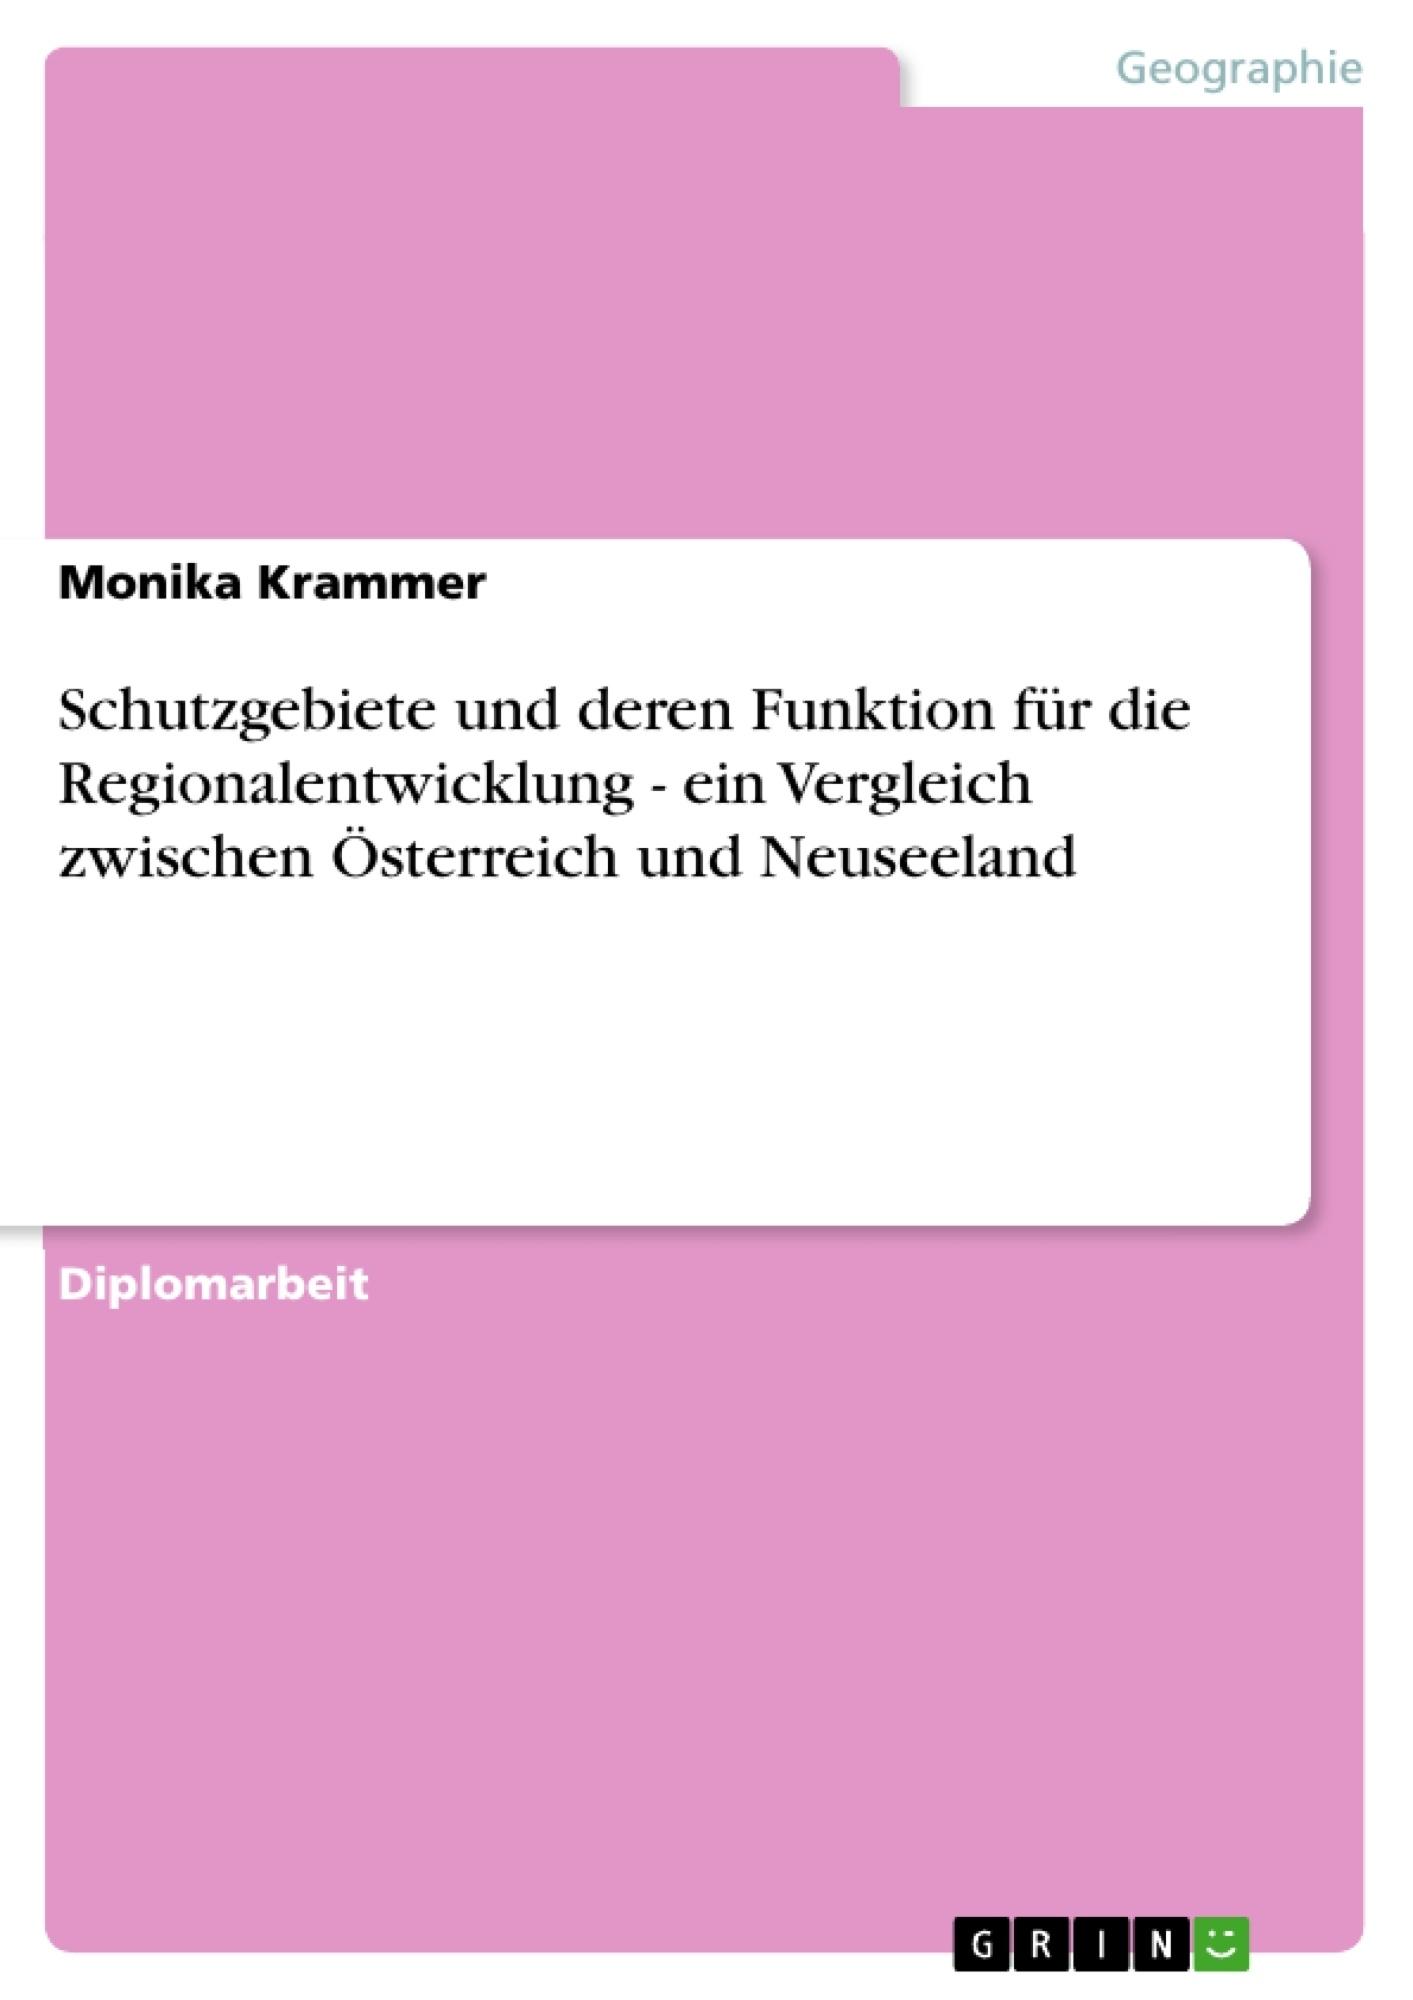 Titel: Schutzgebiete und deren Funktion für die Regionalentwicklung - ein Vergleich zwischen Österreich und Neuseeland